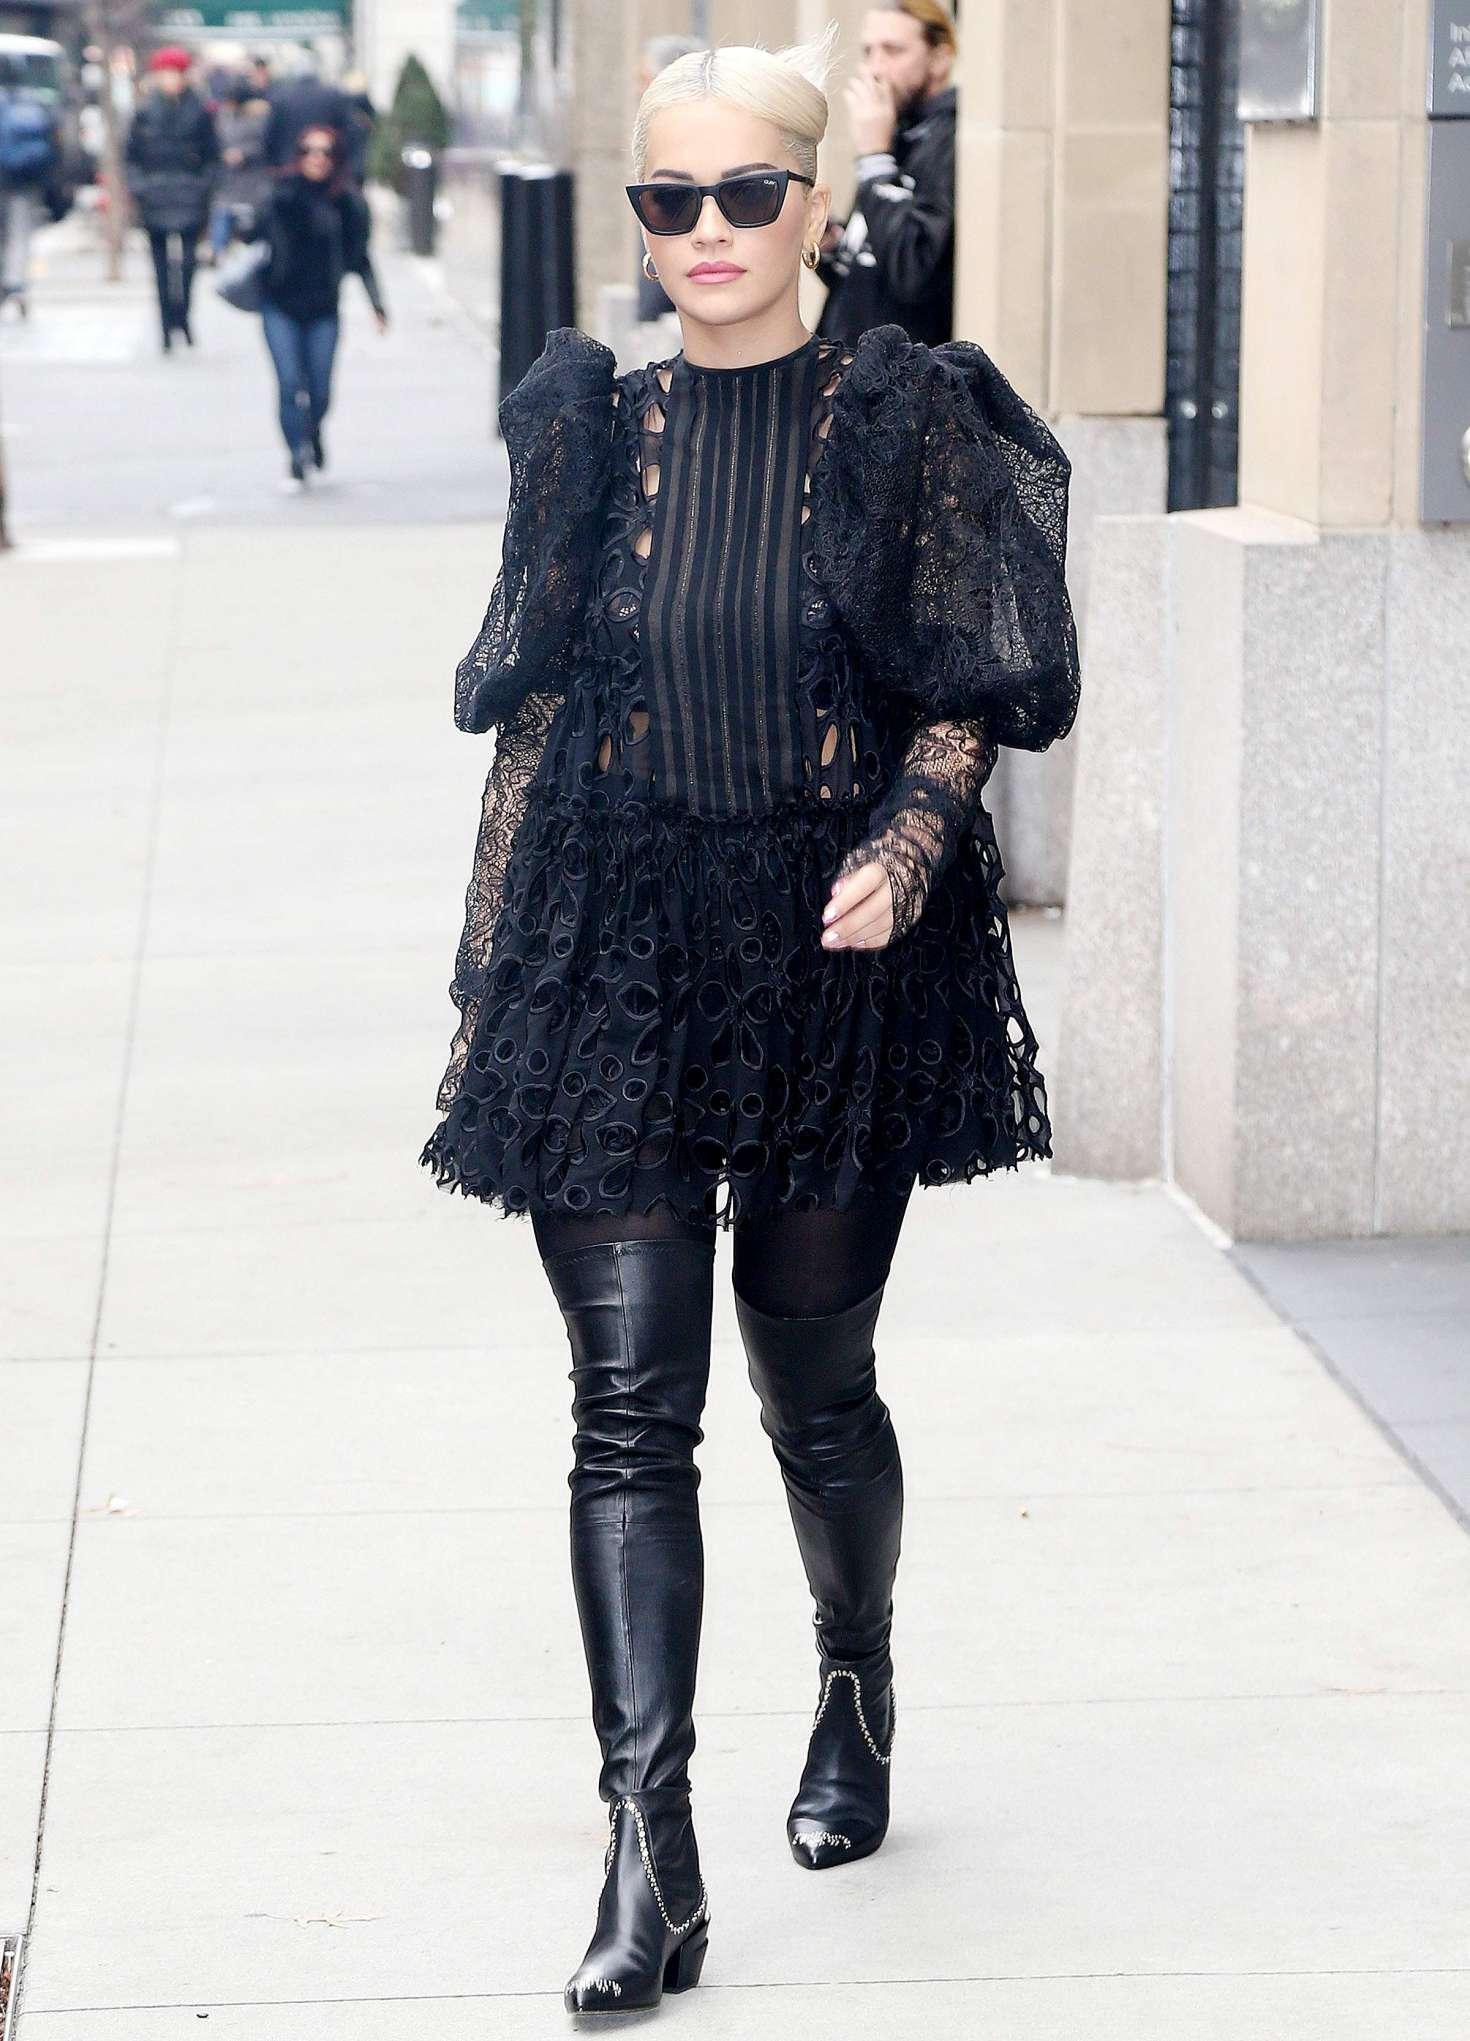 Rita Ora In Black Mini Dress Out In New York GotCeleb